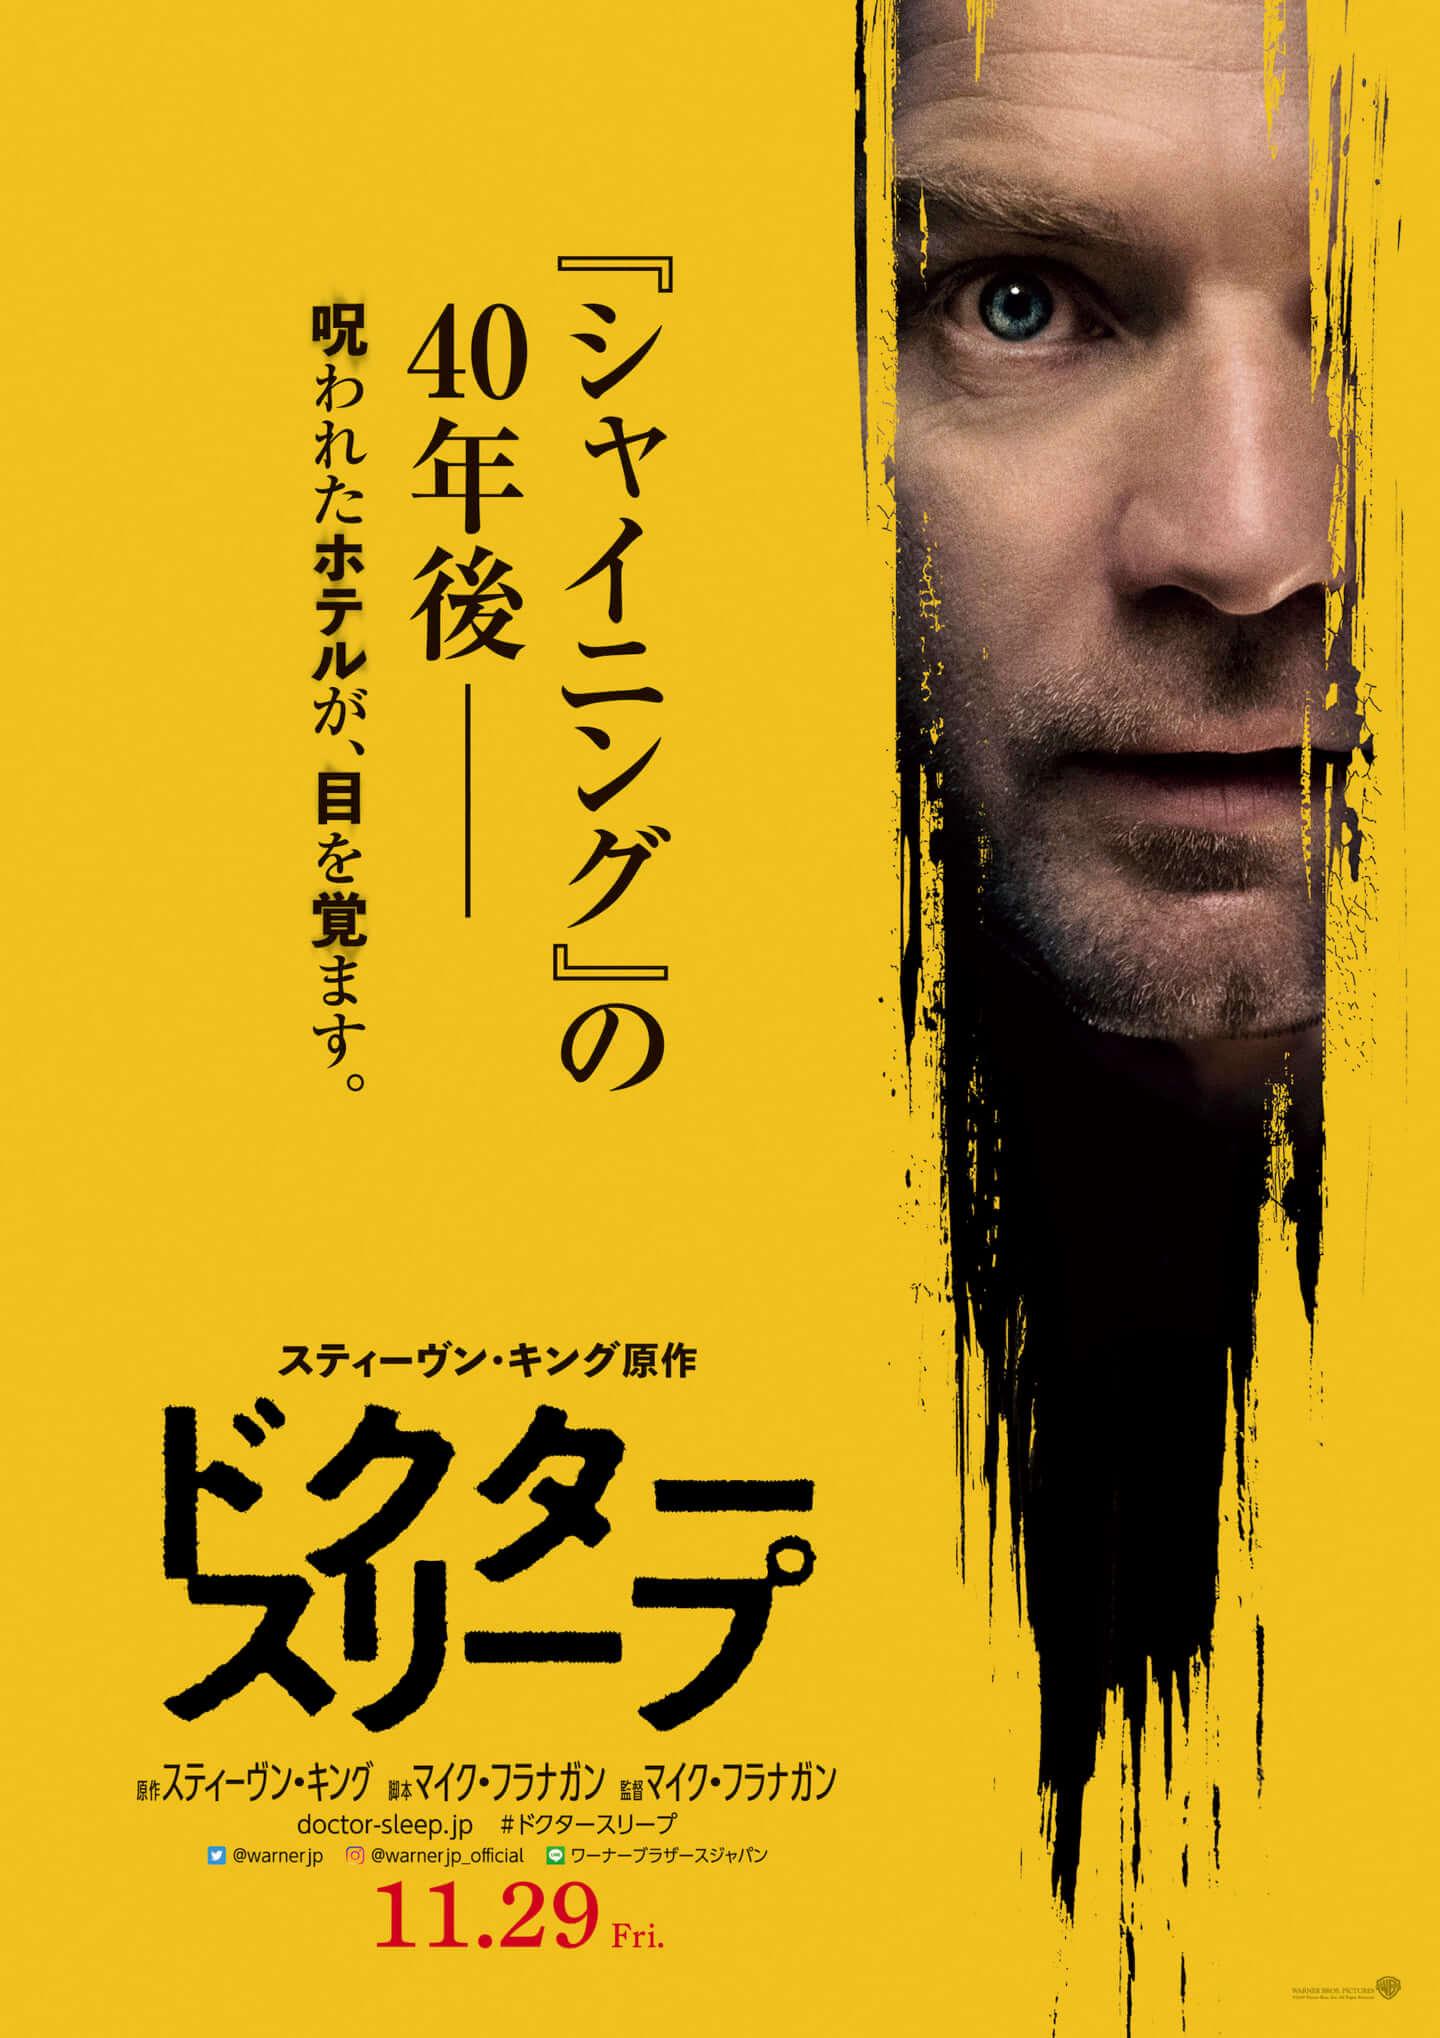 「おかえり、ダニー」の声に戦慄!『ドクター・スリープ』の恐怖を凝縮したスポット映像が公開 DoctorSleep_Poster_Yellow-1440x2038